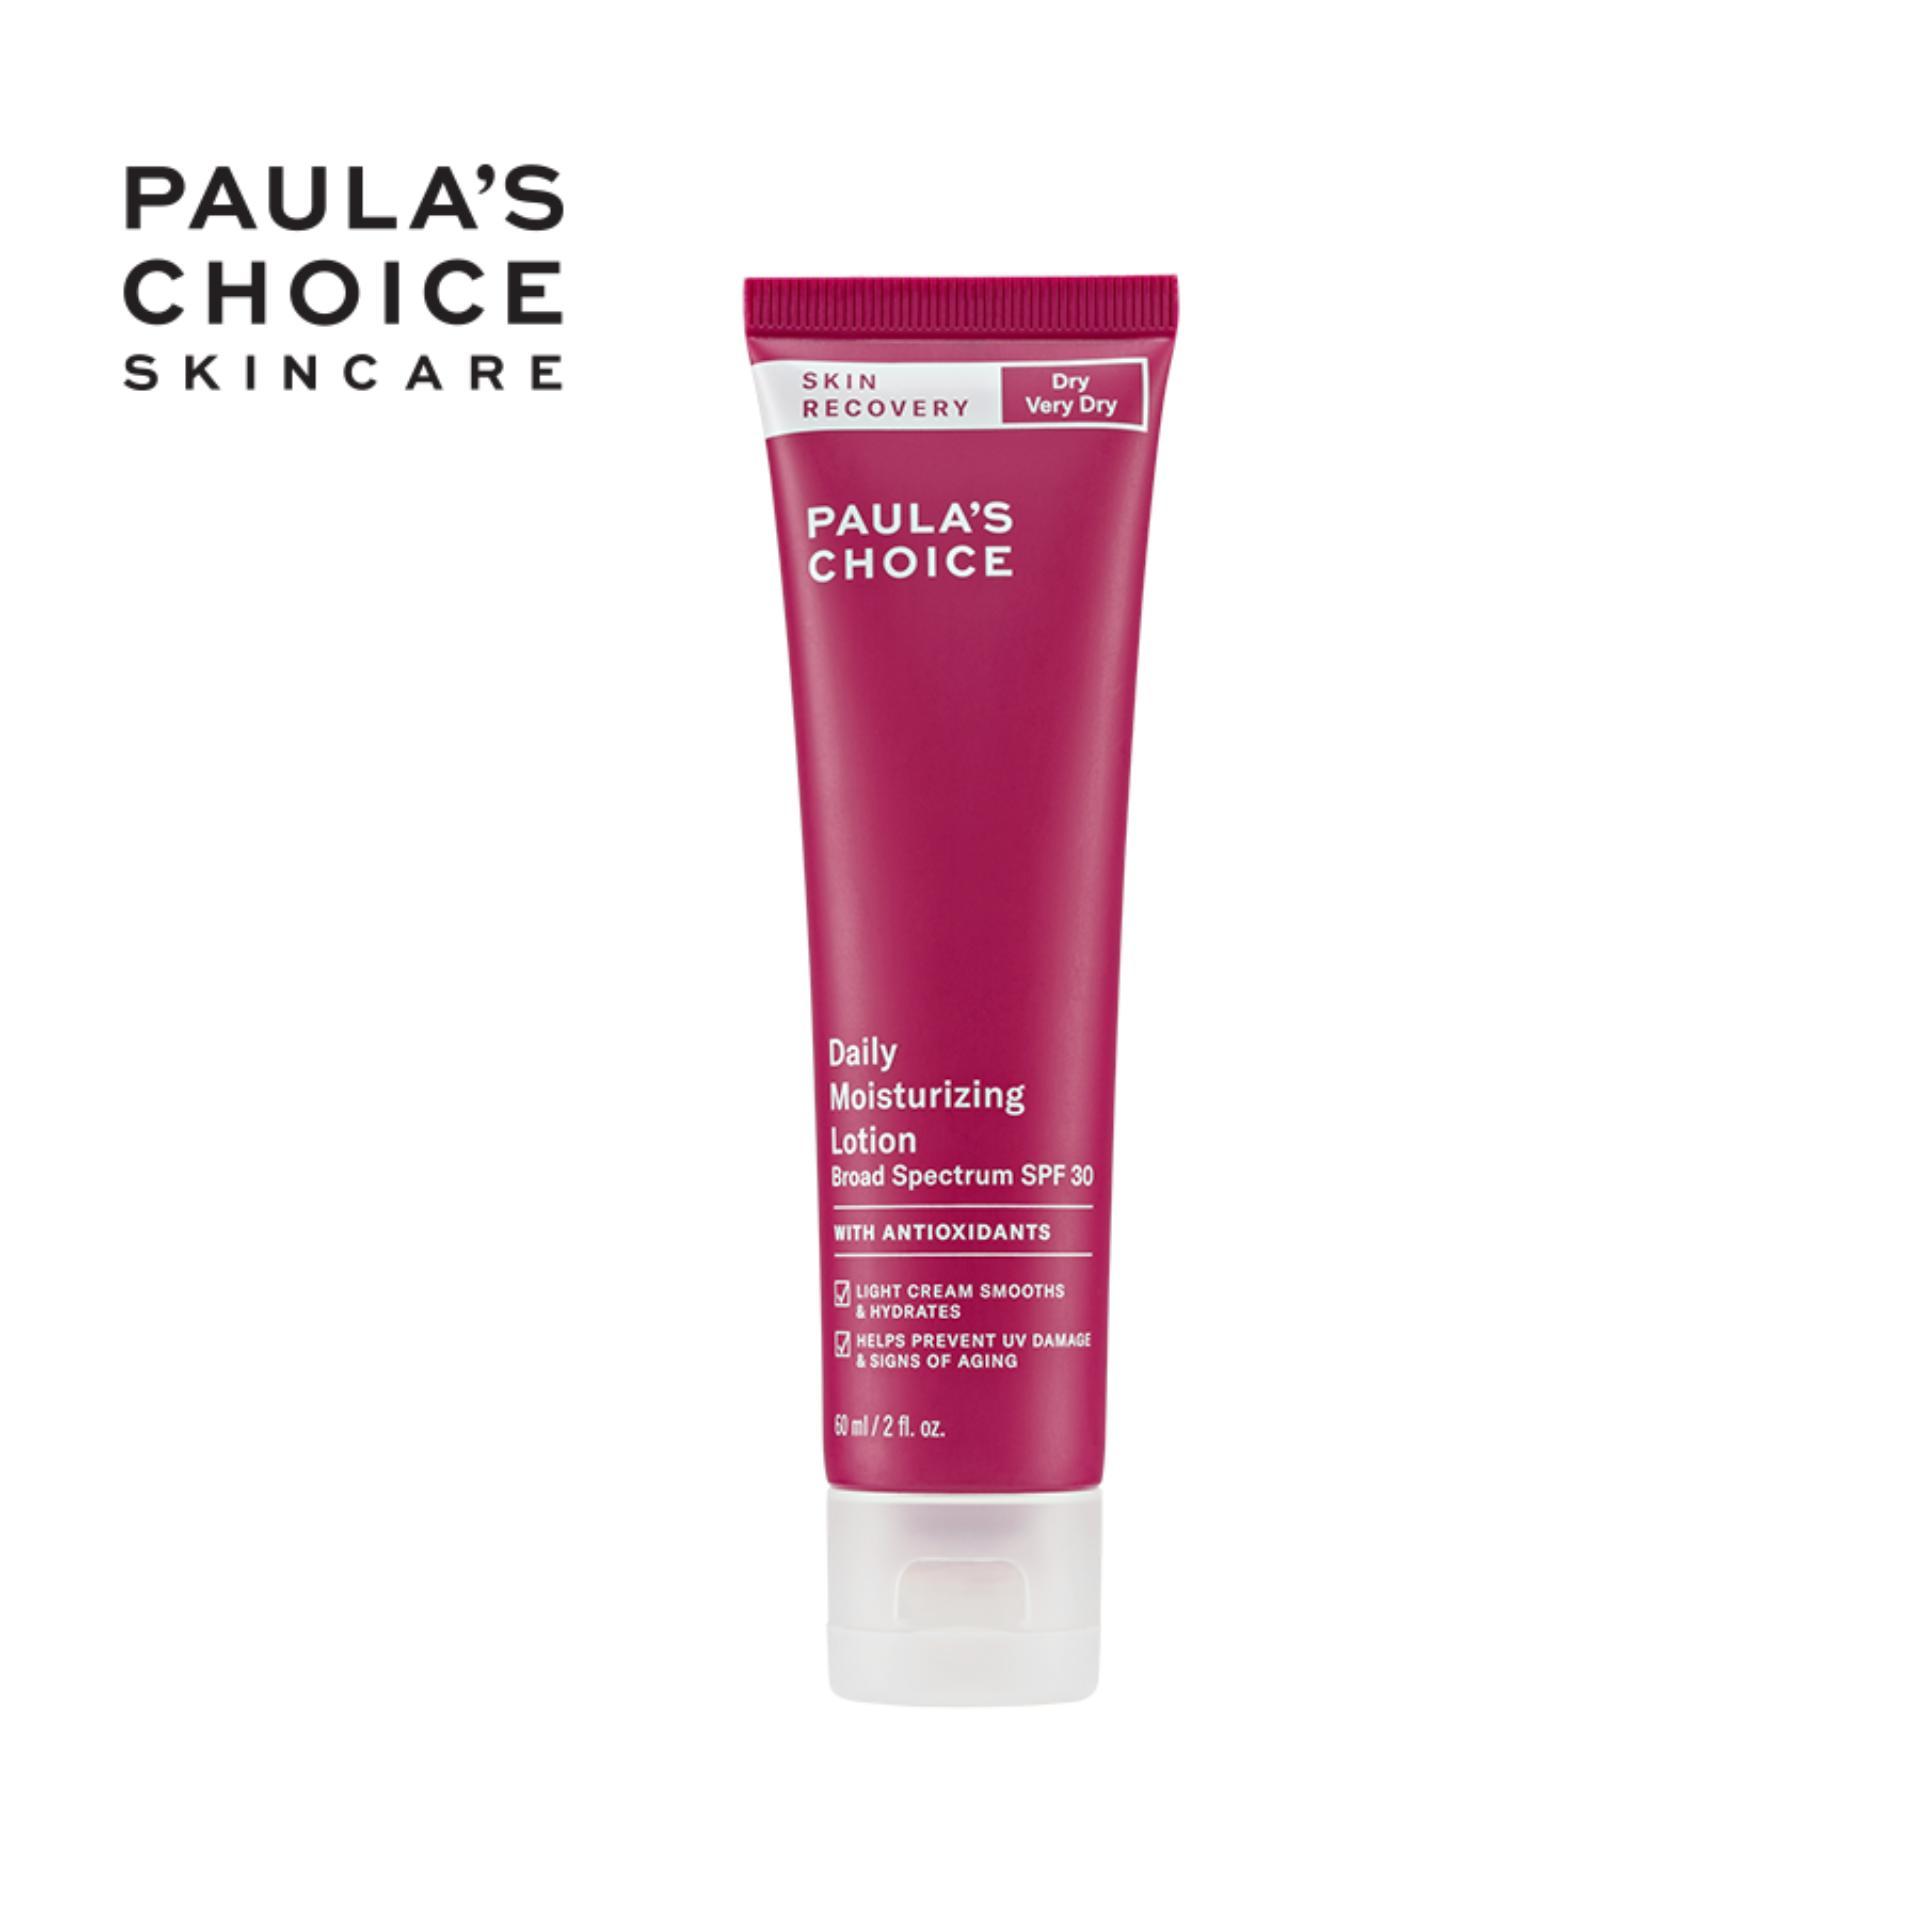 Kem chống nắng dưỡng ẩm phục hồi tổn thương cho da khô Paula's Choice Skin Recovery Daily Moisturizing Lotion SPF 30- 60ml